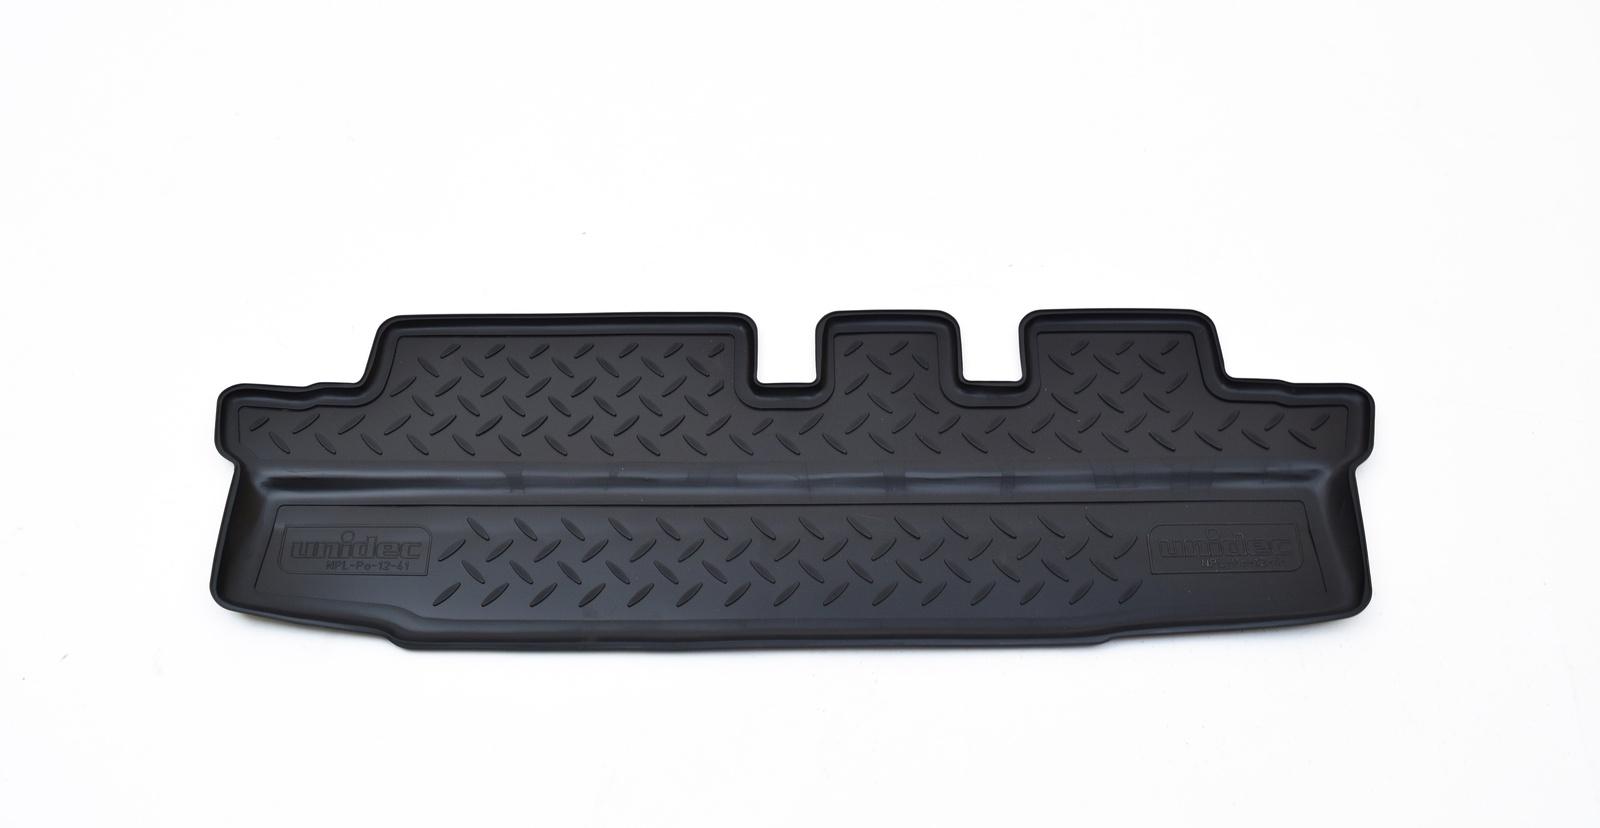 Коврики в салон Norplast для Chevrolet Orlando 2011 3 ряд, NPL-Po-12-41, черный